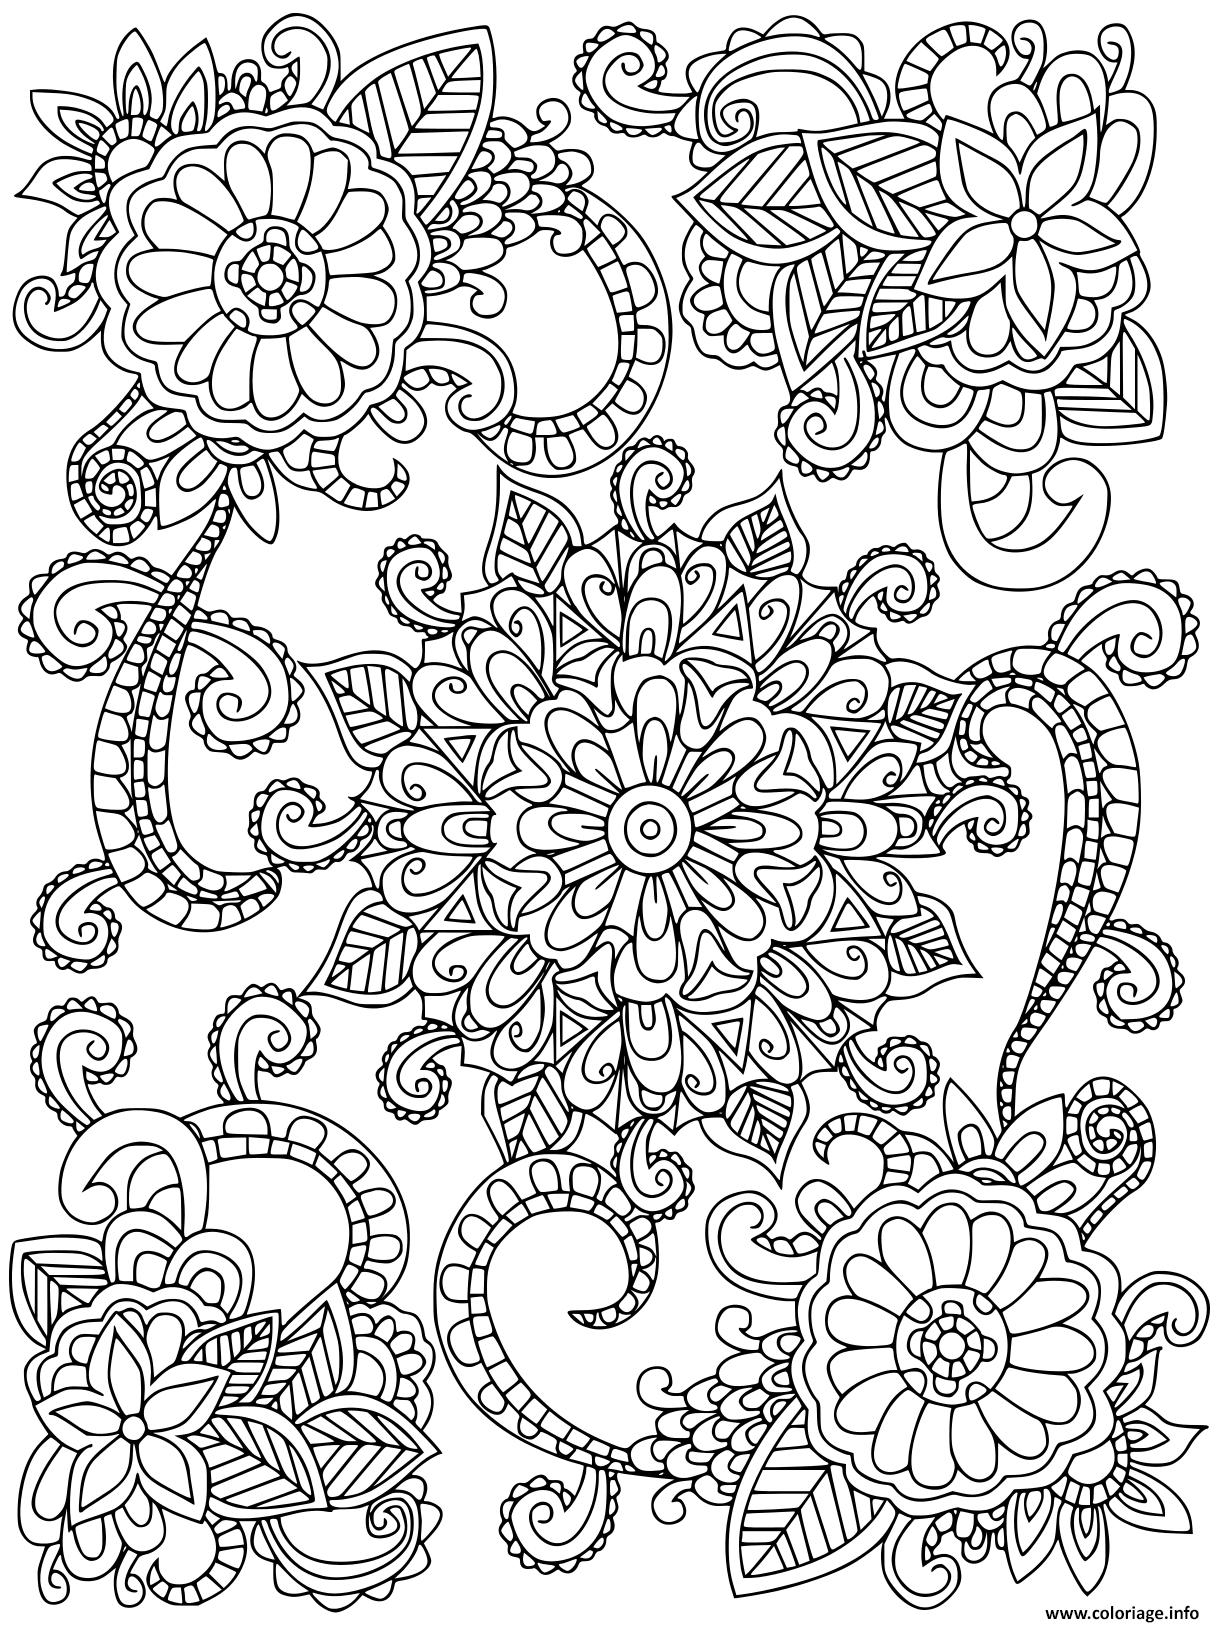 Coloriage mandala fleurs pour adulte - JeColorie.com